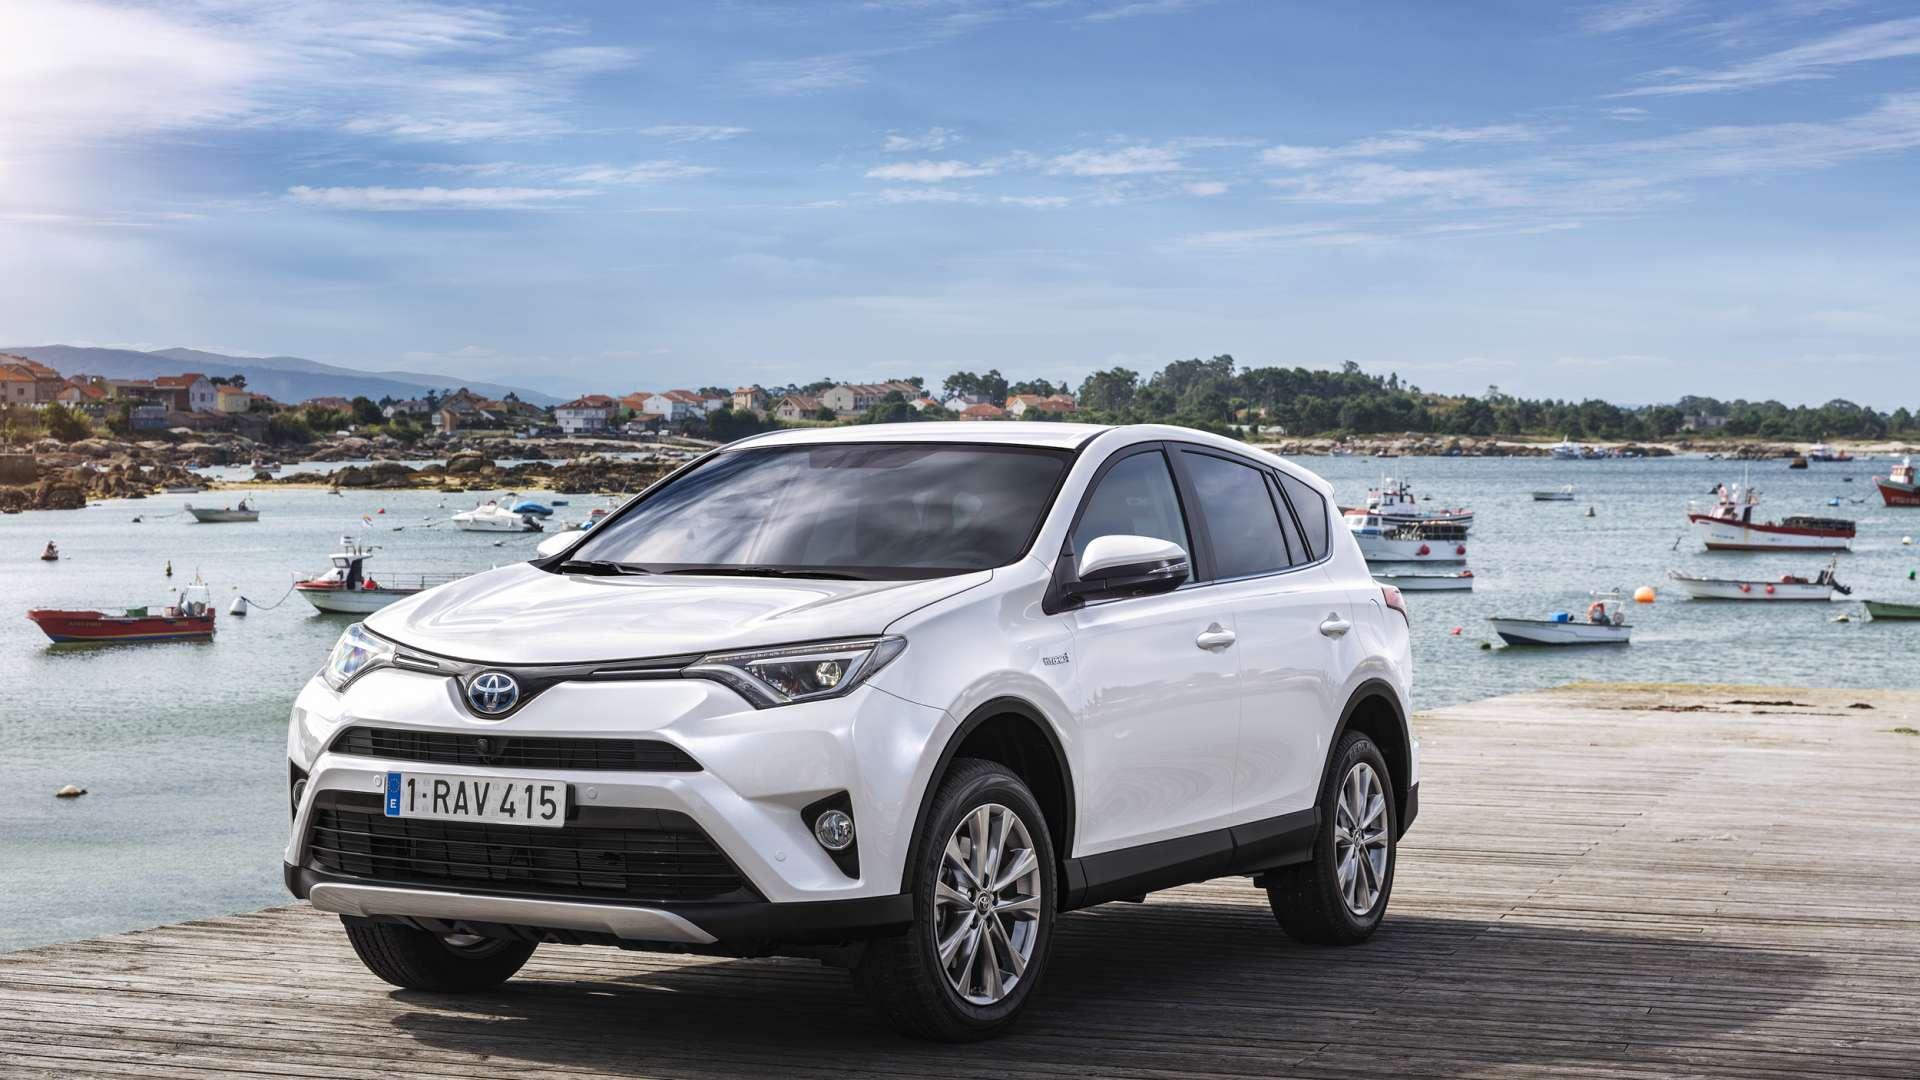 Suv Rij En Trekkracht Met Hybride Toyota Financial Lease